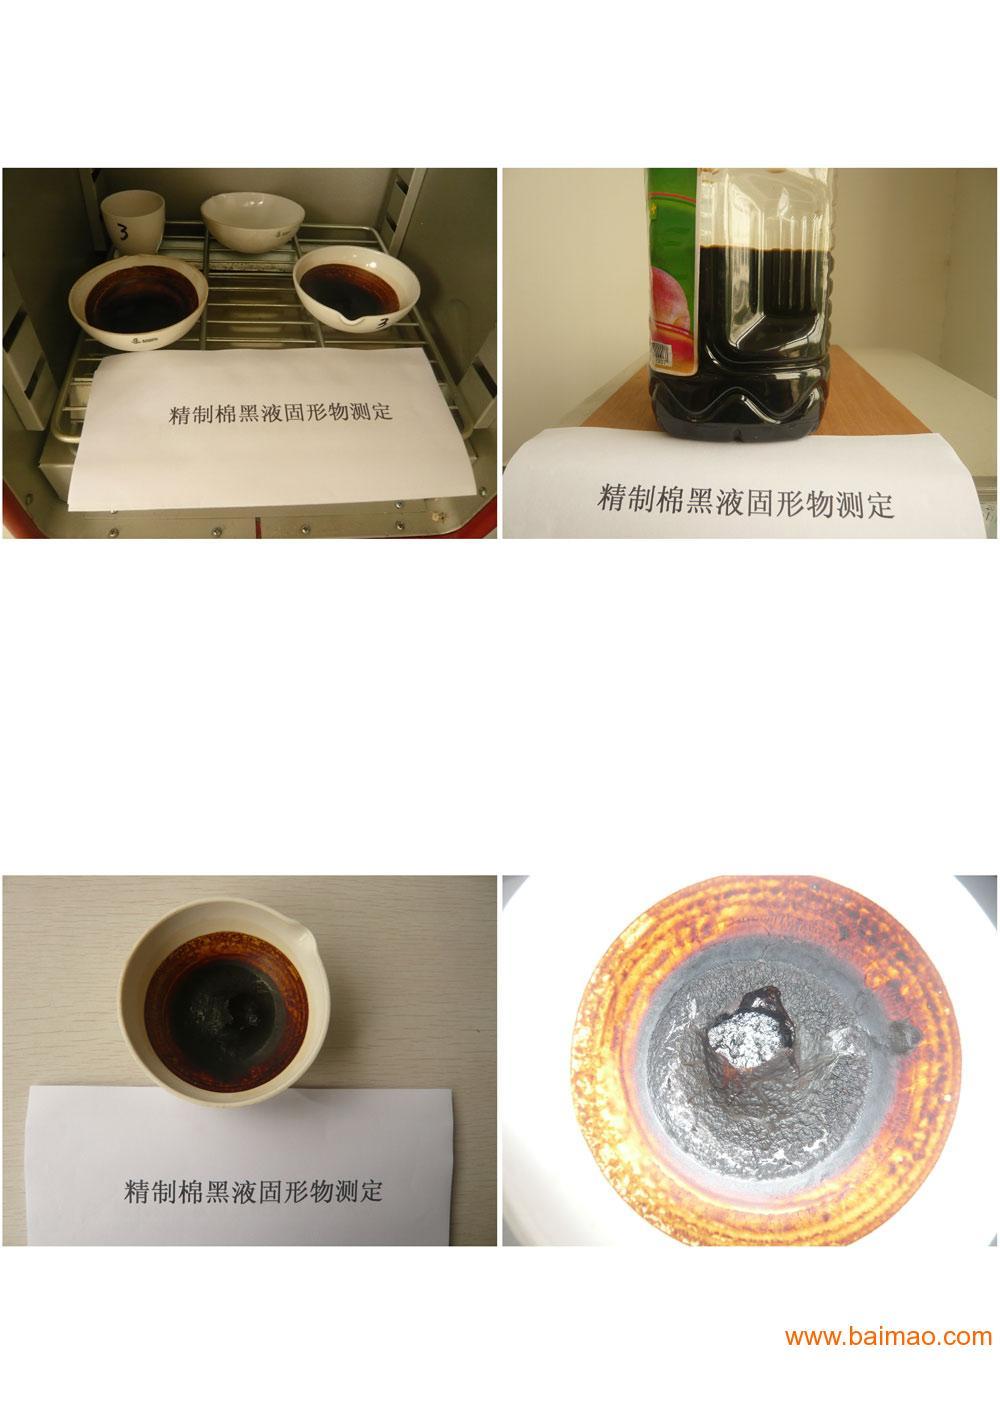 污水处理,厦门制浆黑液的污水处理